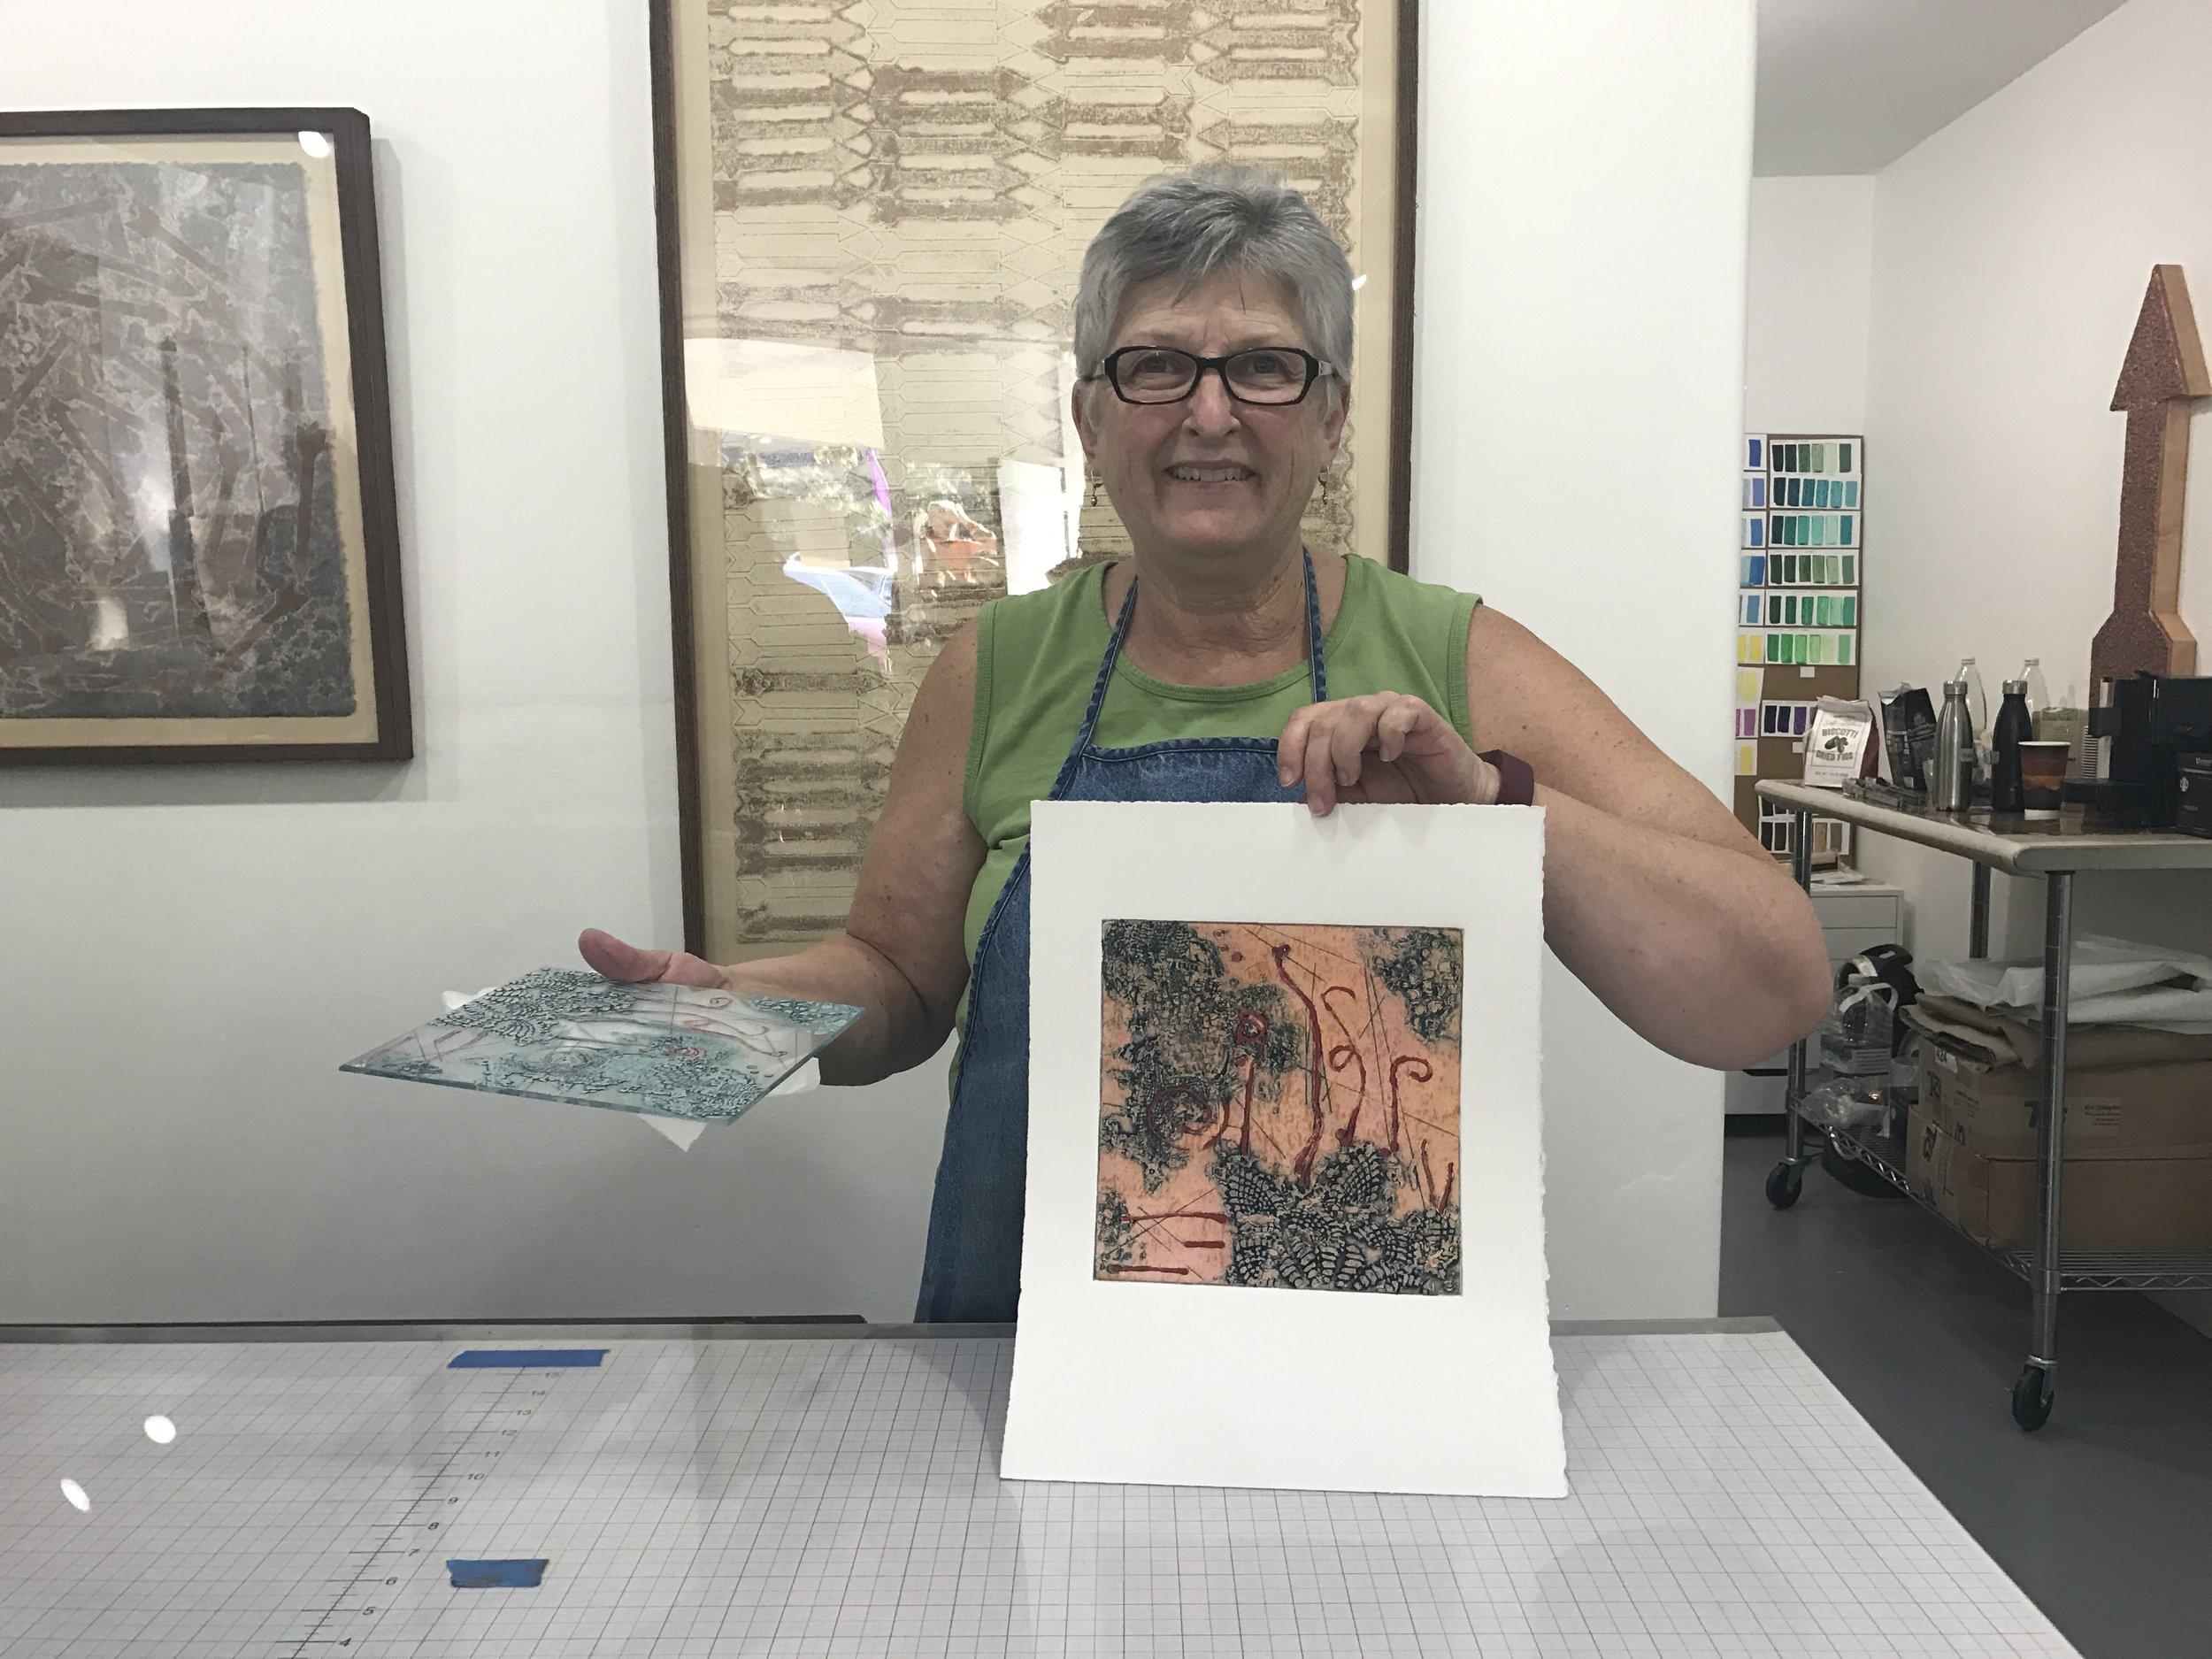 Deborah with her print.